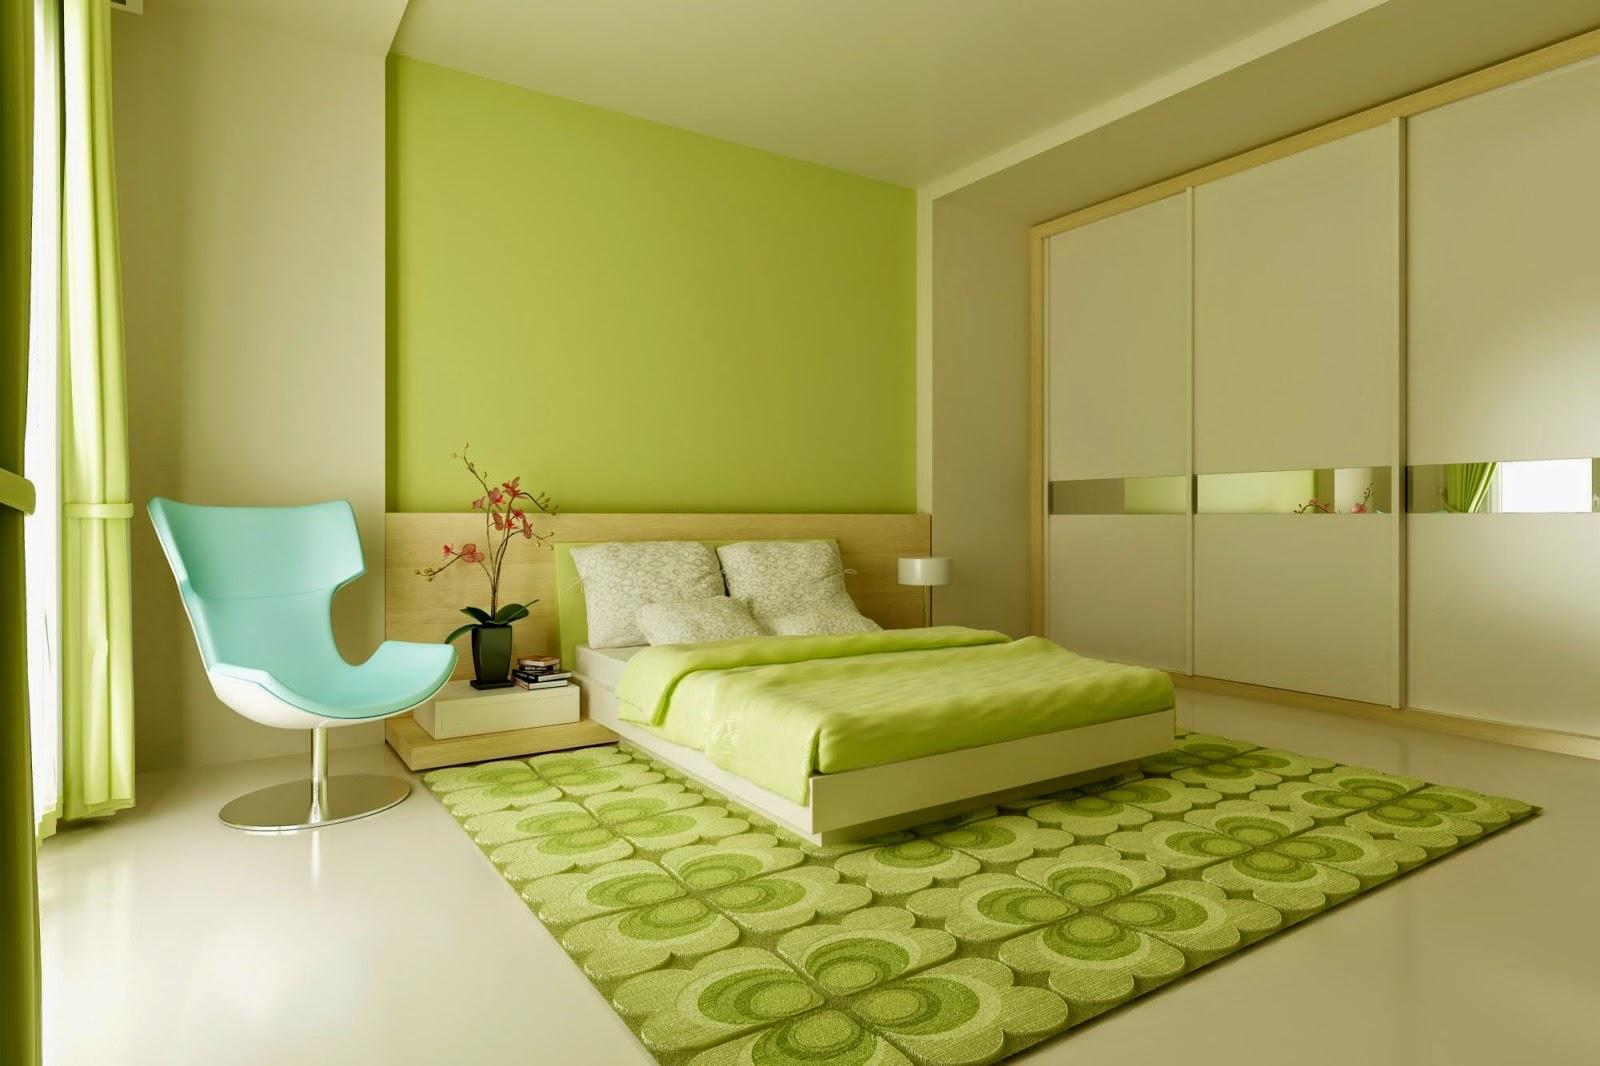 Colori pareti camere da letto - Colori per camere da letto foto ...